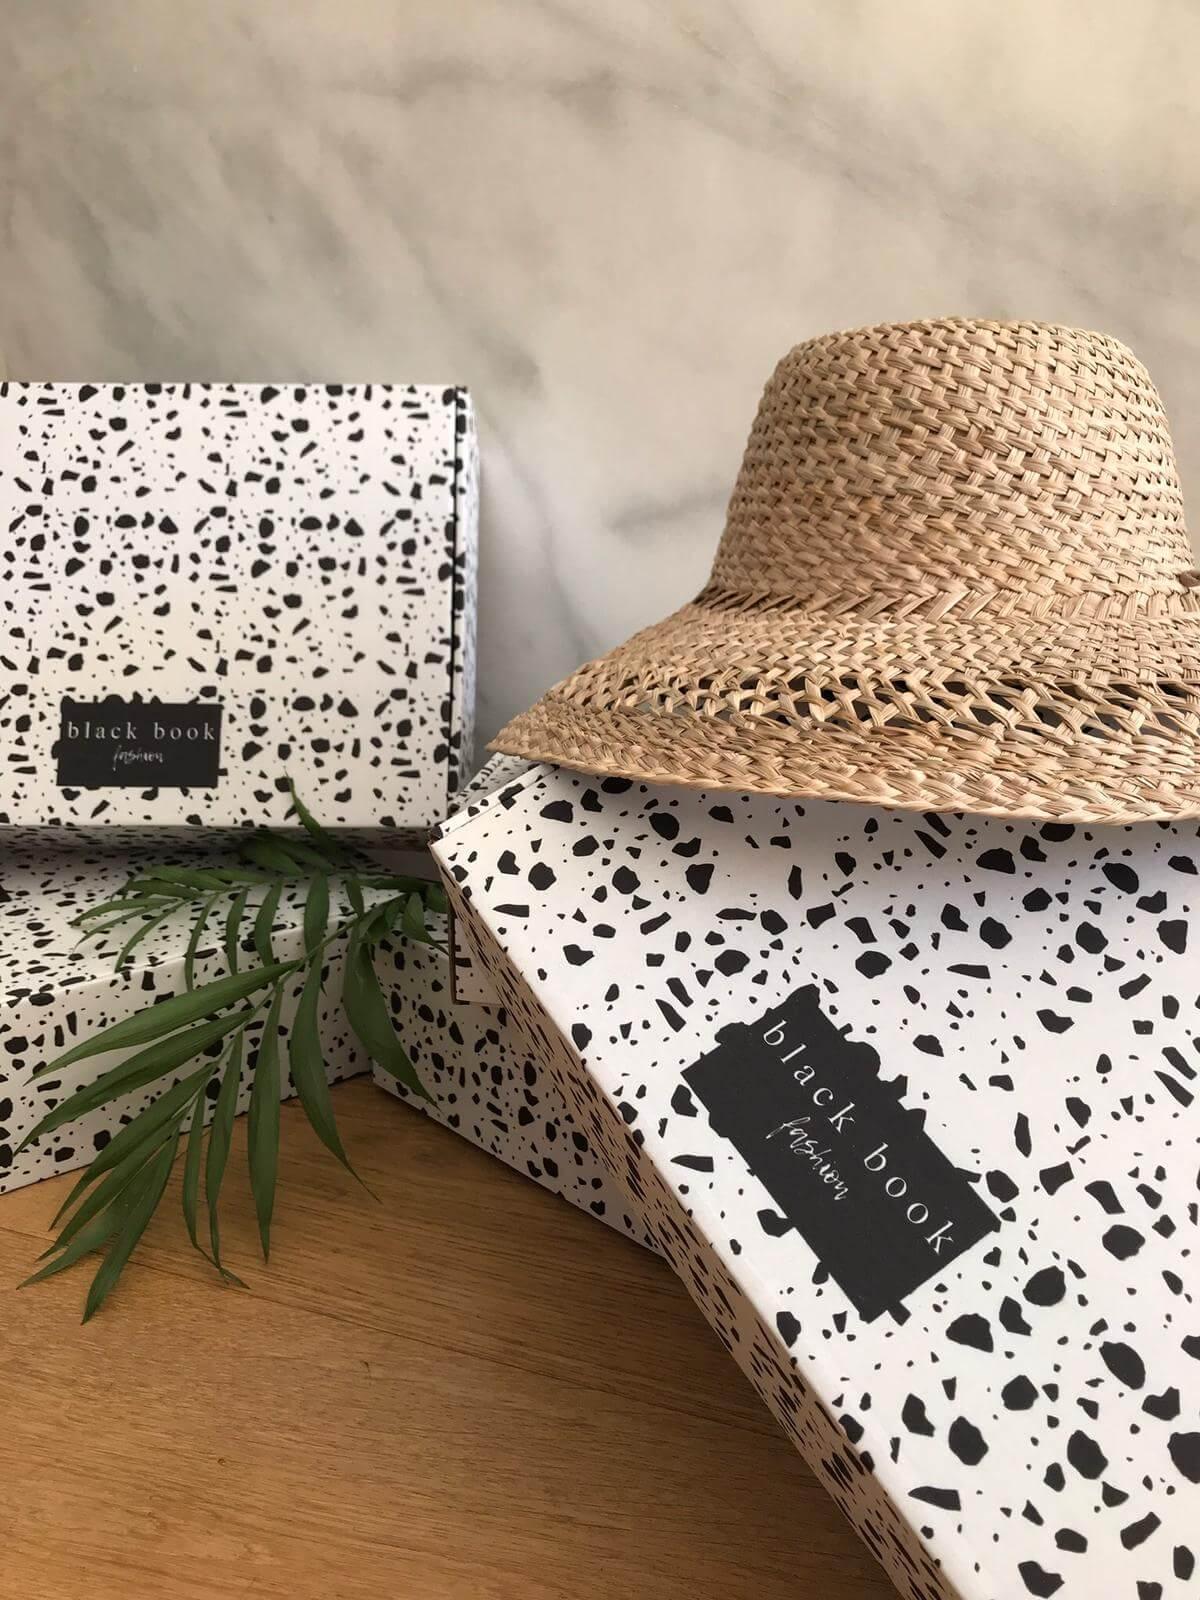 Boîtes d'emballage de la marque de mode Black Book Fashion